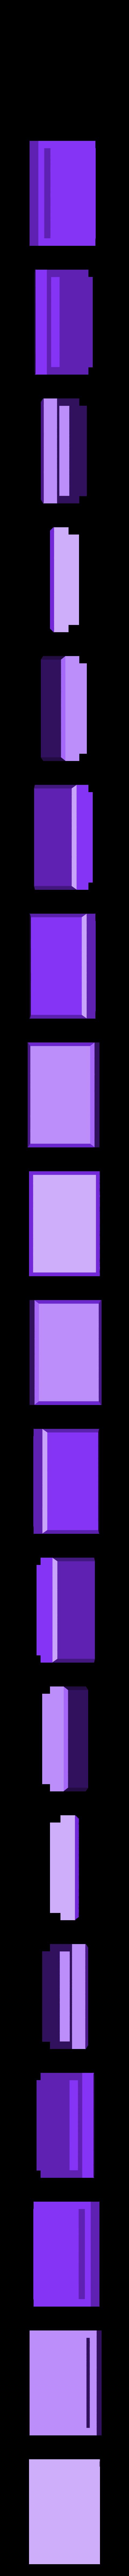 BlockBack10_09.stl Download STL file Playing Card Tiles • Object to 3D print, Jinja